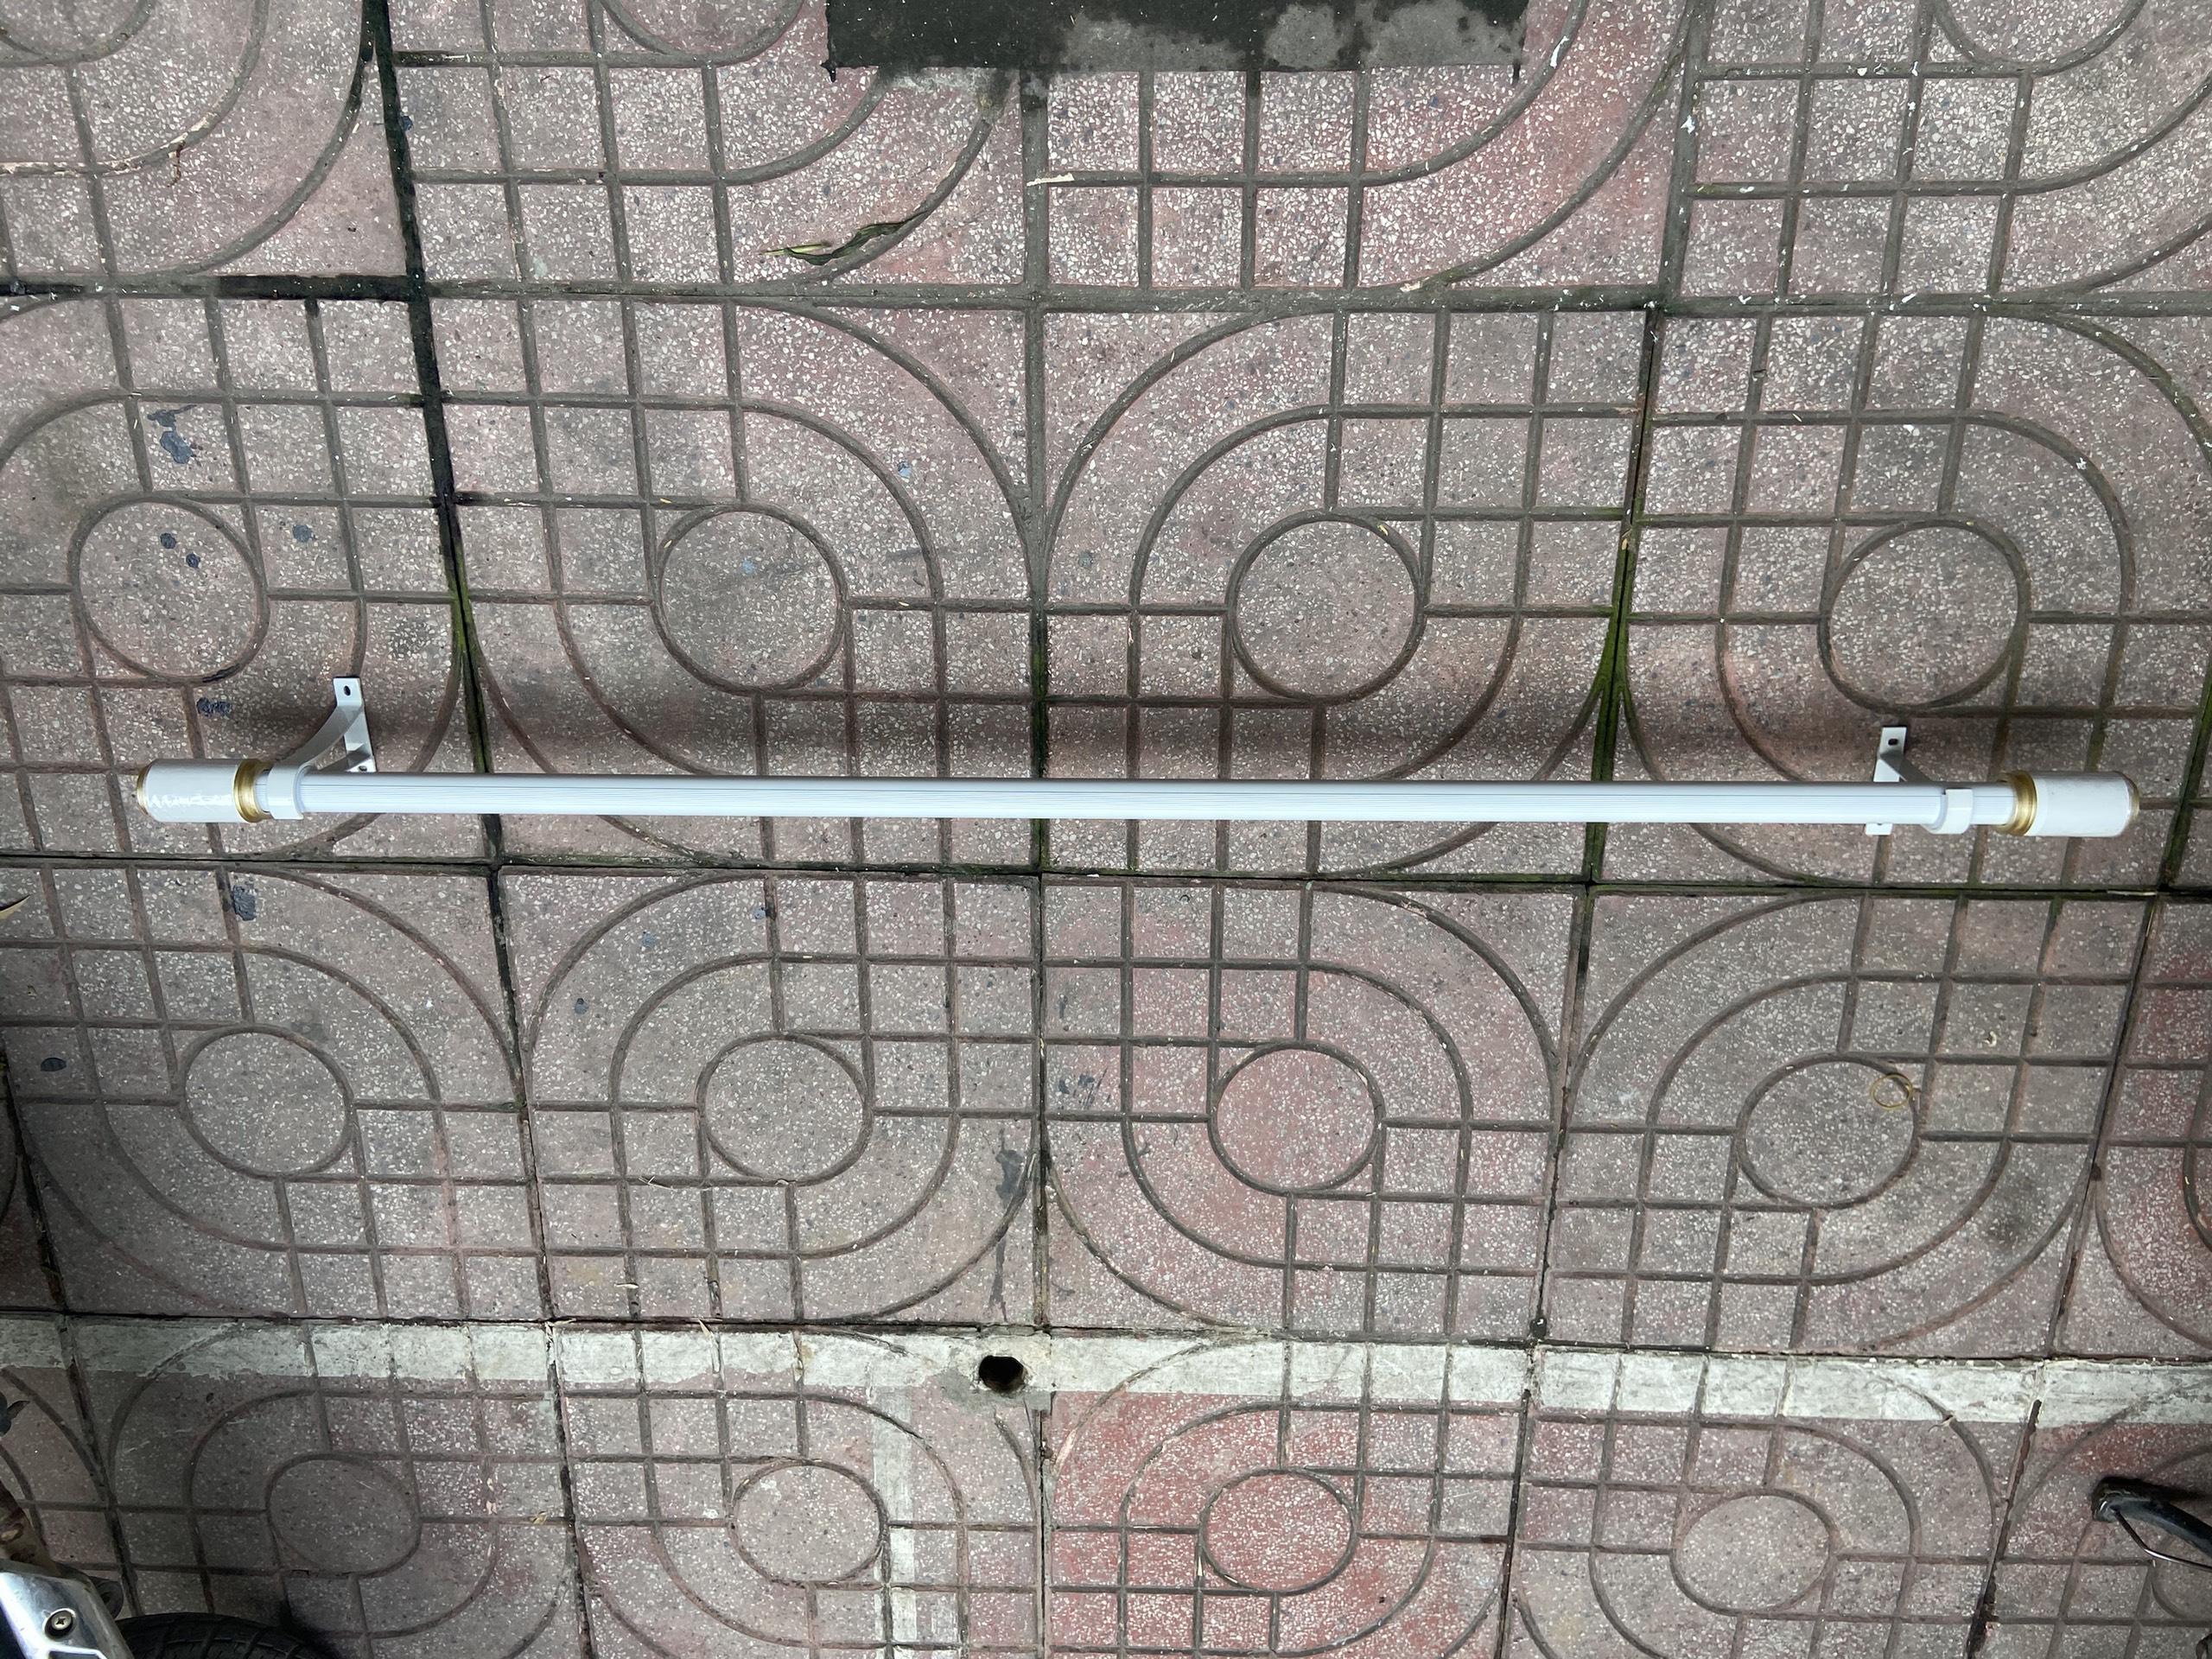 Thanh treo rèm cửa chuyên dụng + Bộ phụ kiện (Tặng kèm ốc vít) - 1.3m - Trắng